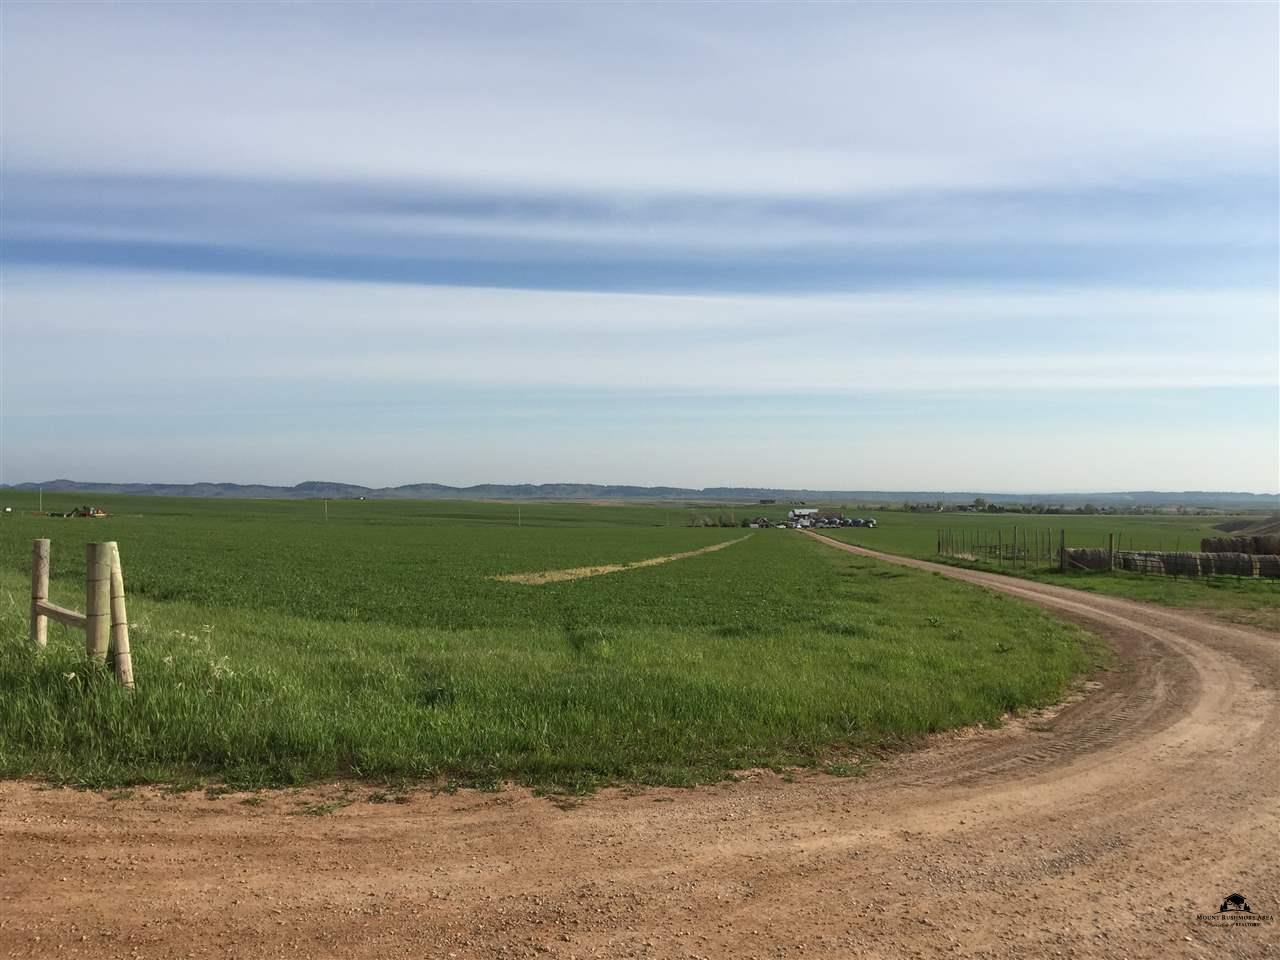 tbd hillsview Road